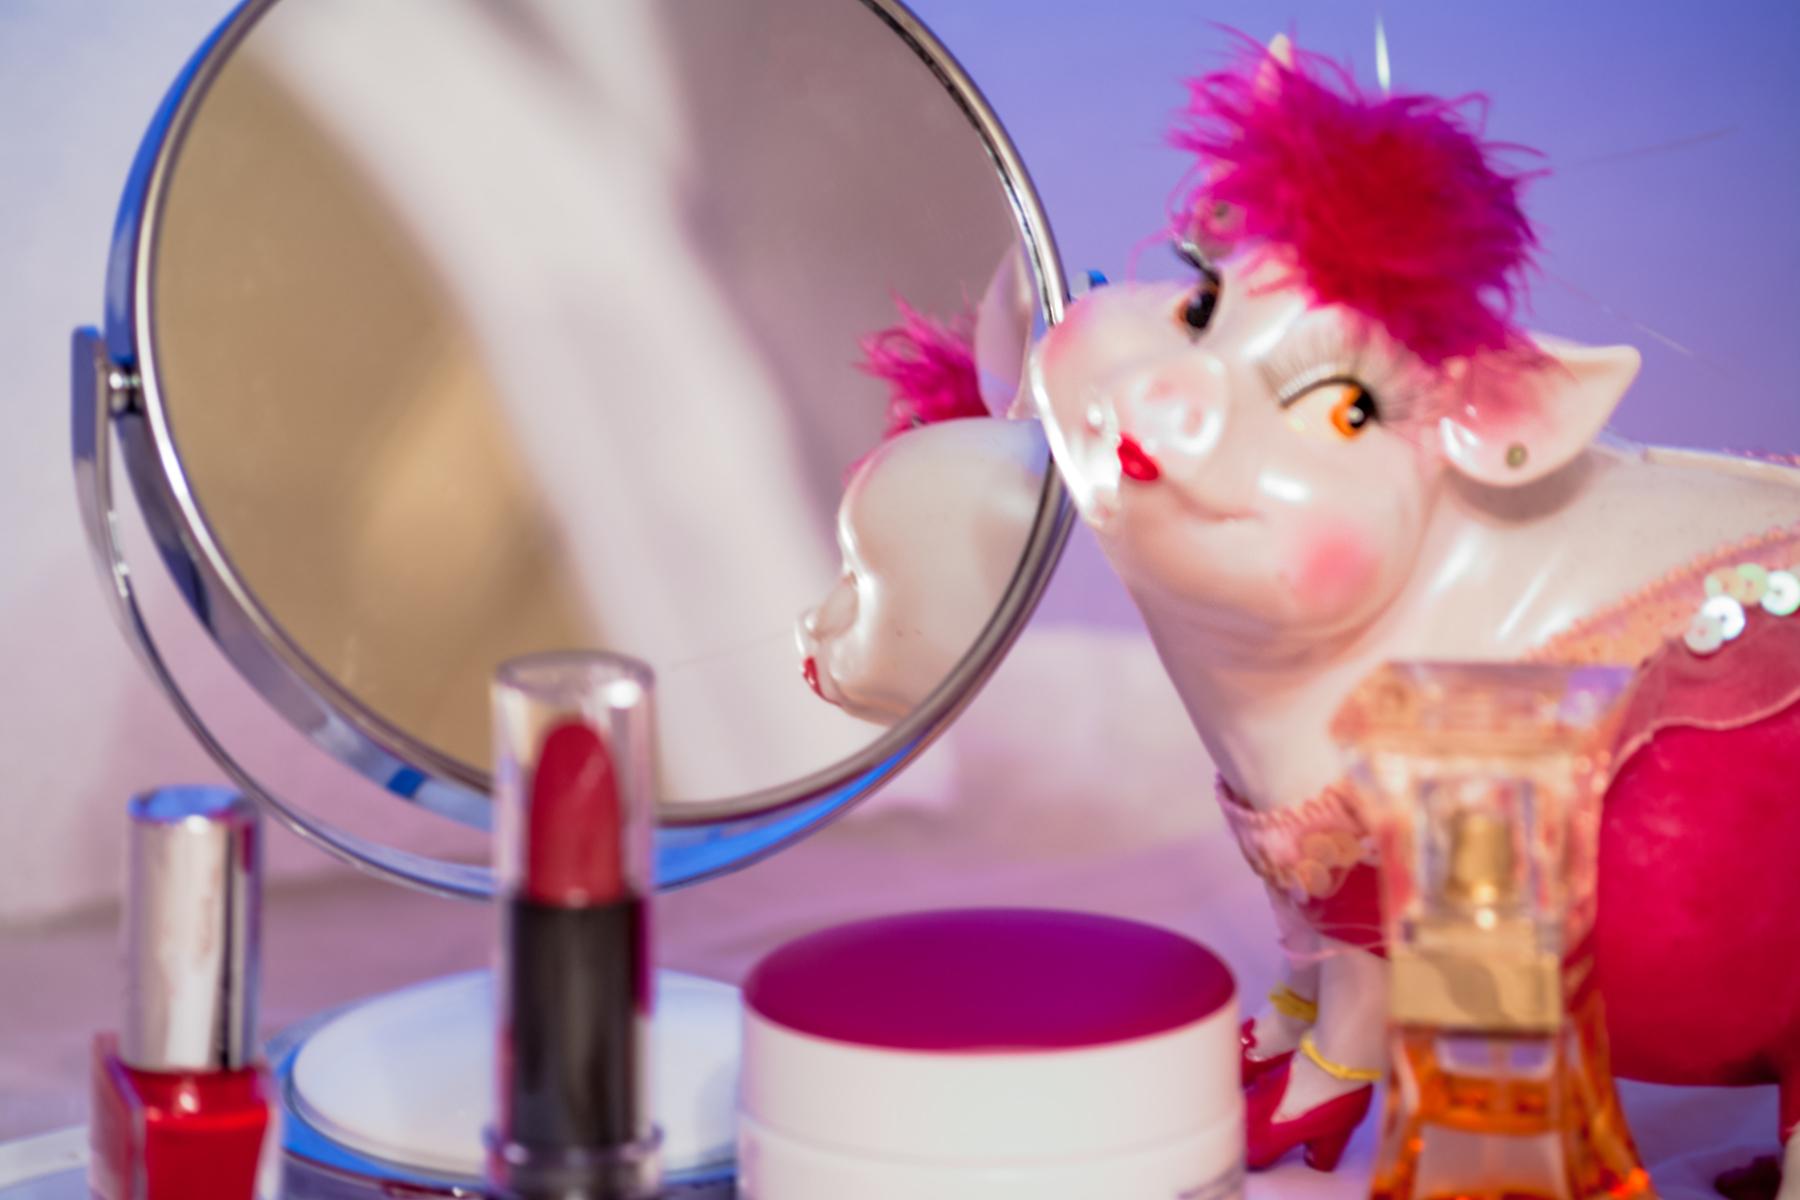 Lipstick_Pig_Design_For_Change